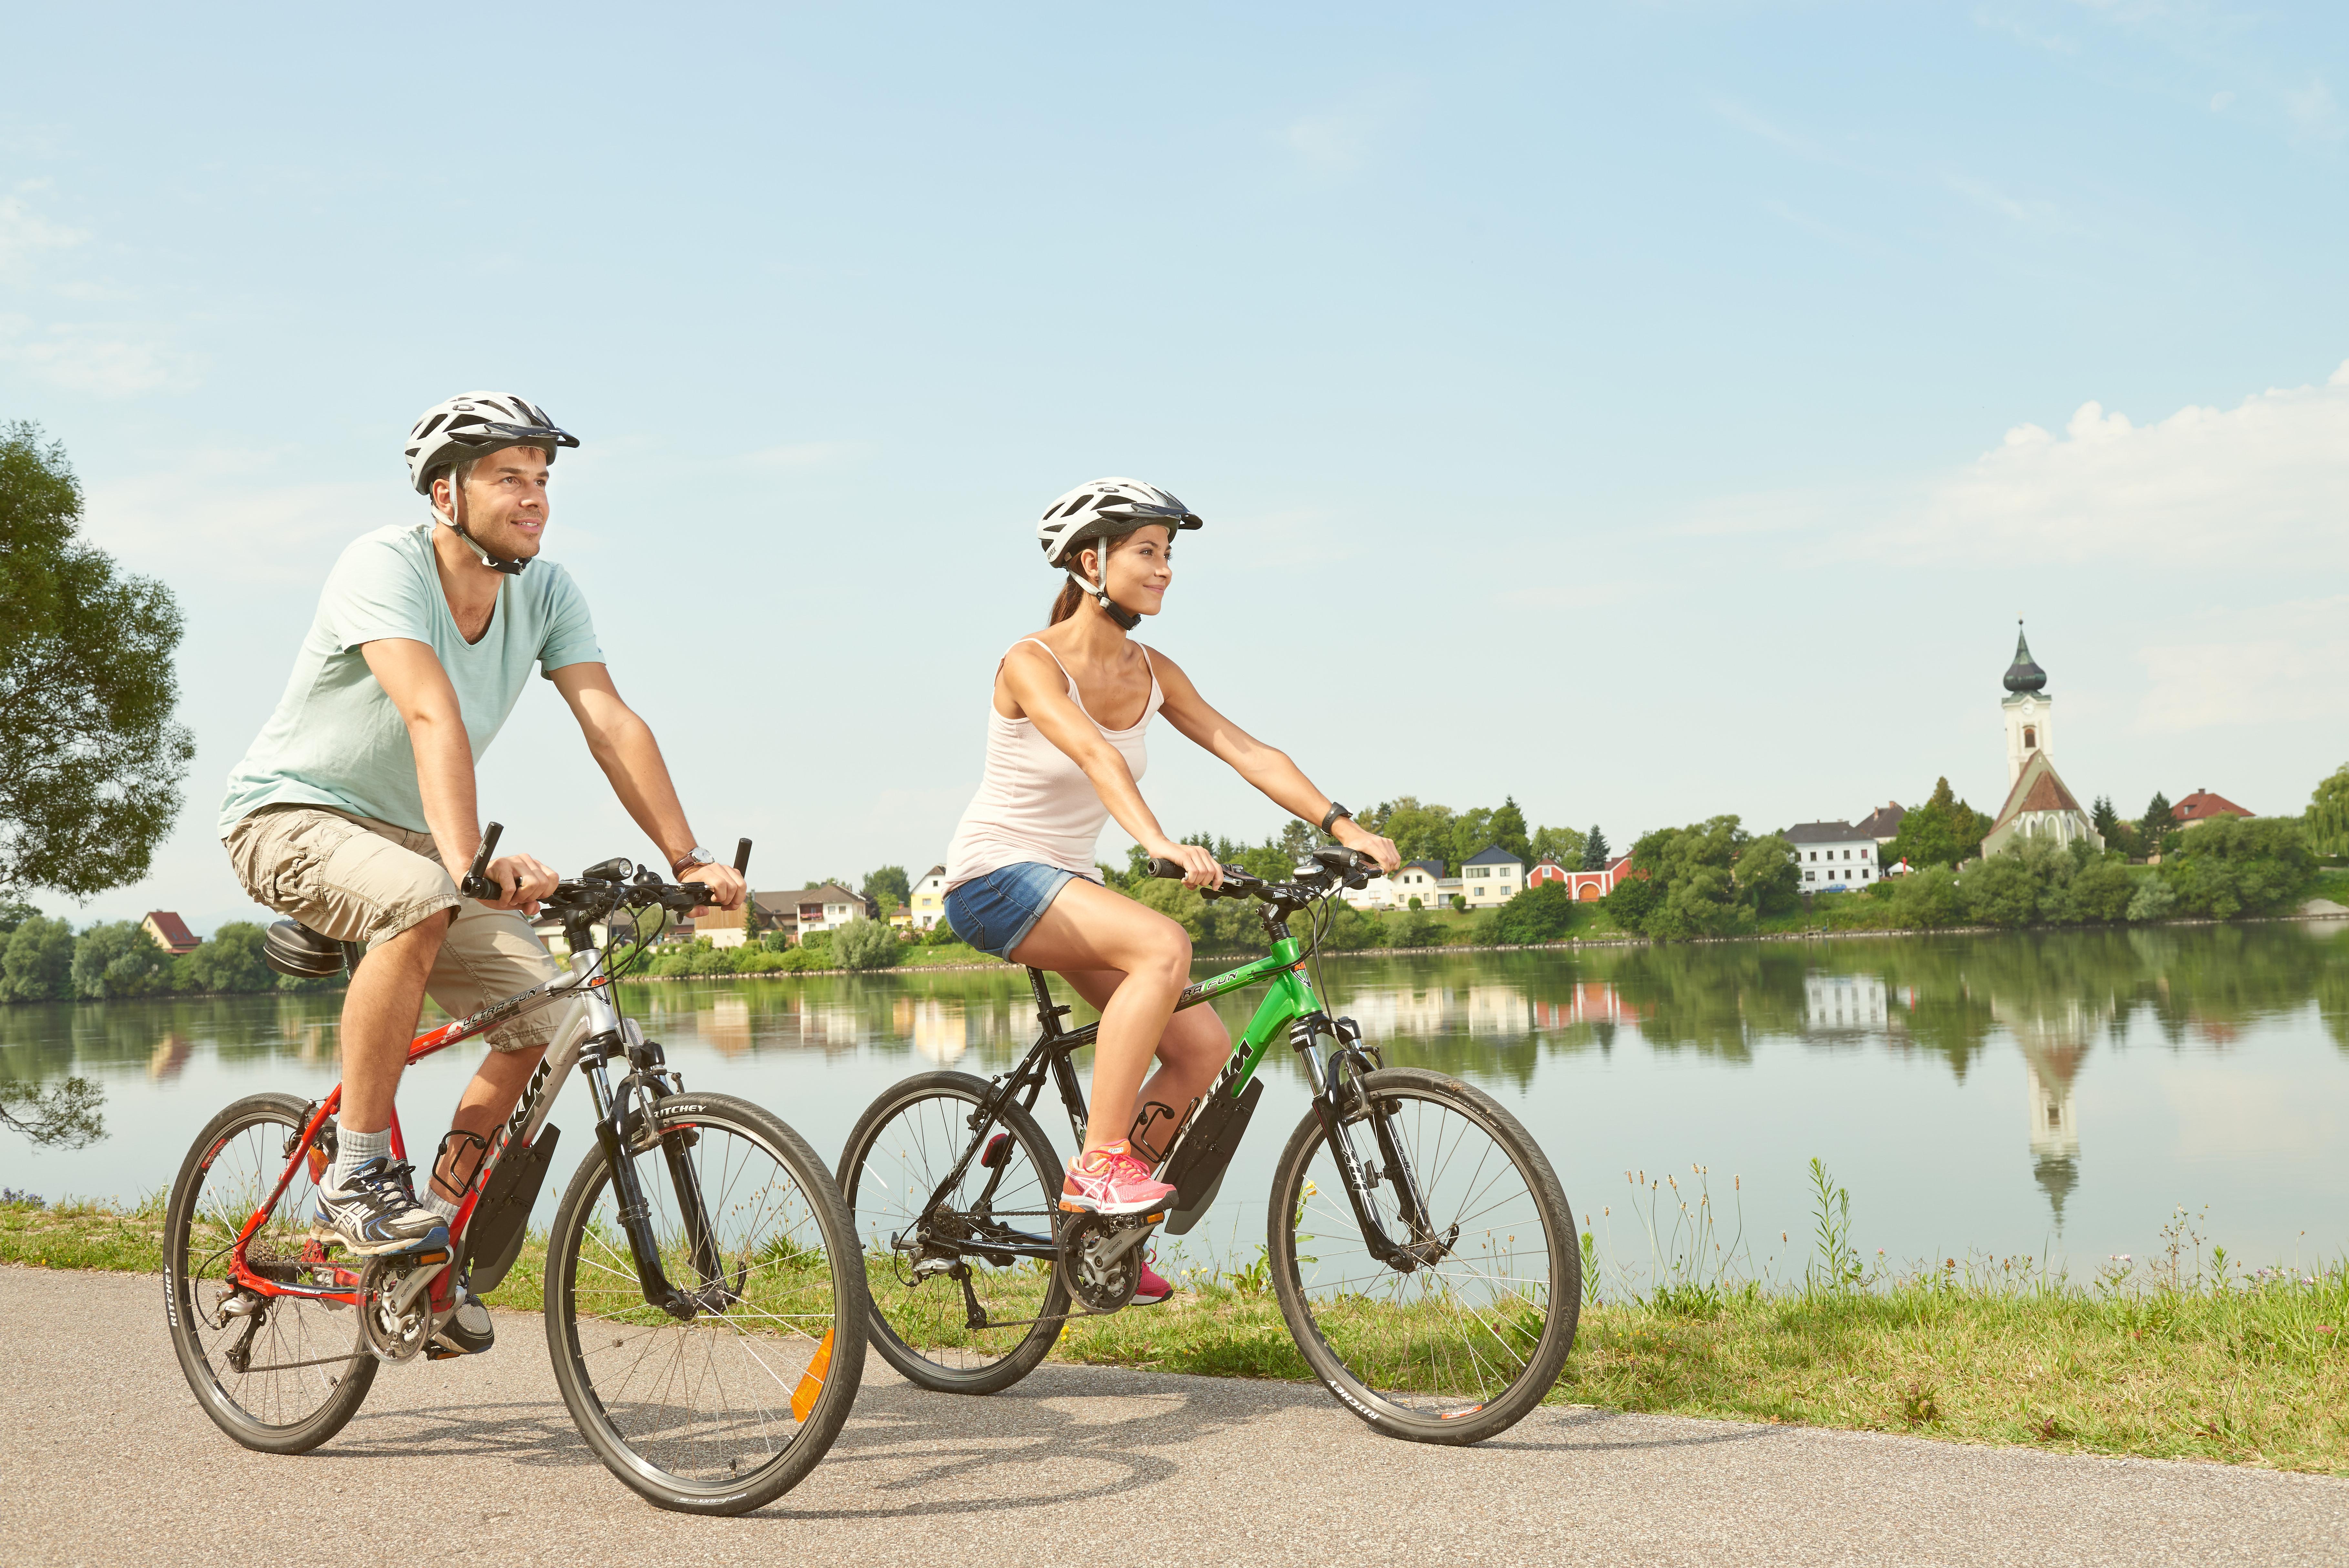 Radfahren am Donauradweg bei Persenbeug-Gottsdorf, Nibelungengau © Donau Niederösterreich / Klaus Engelmayer